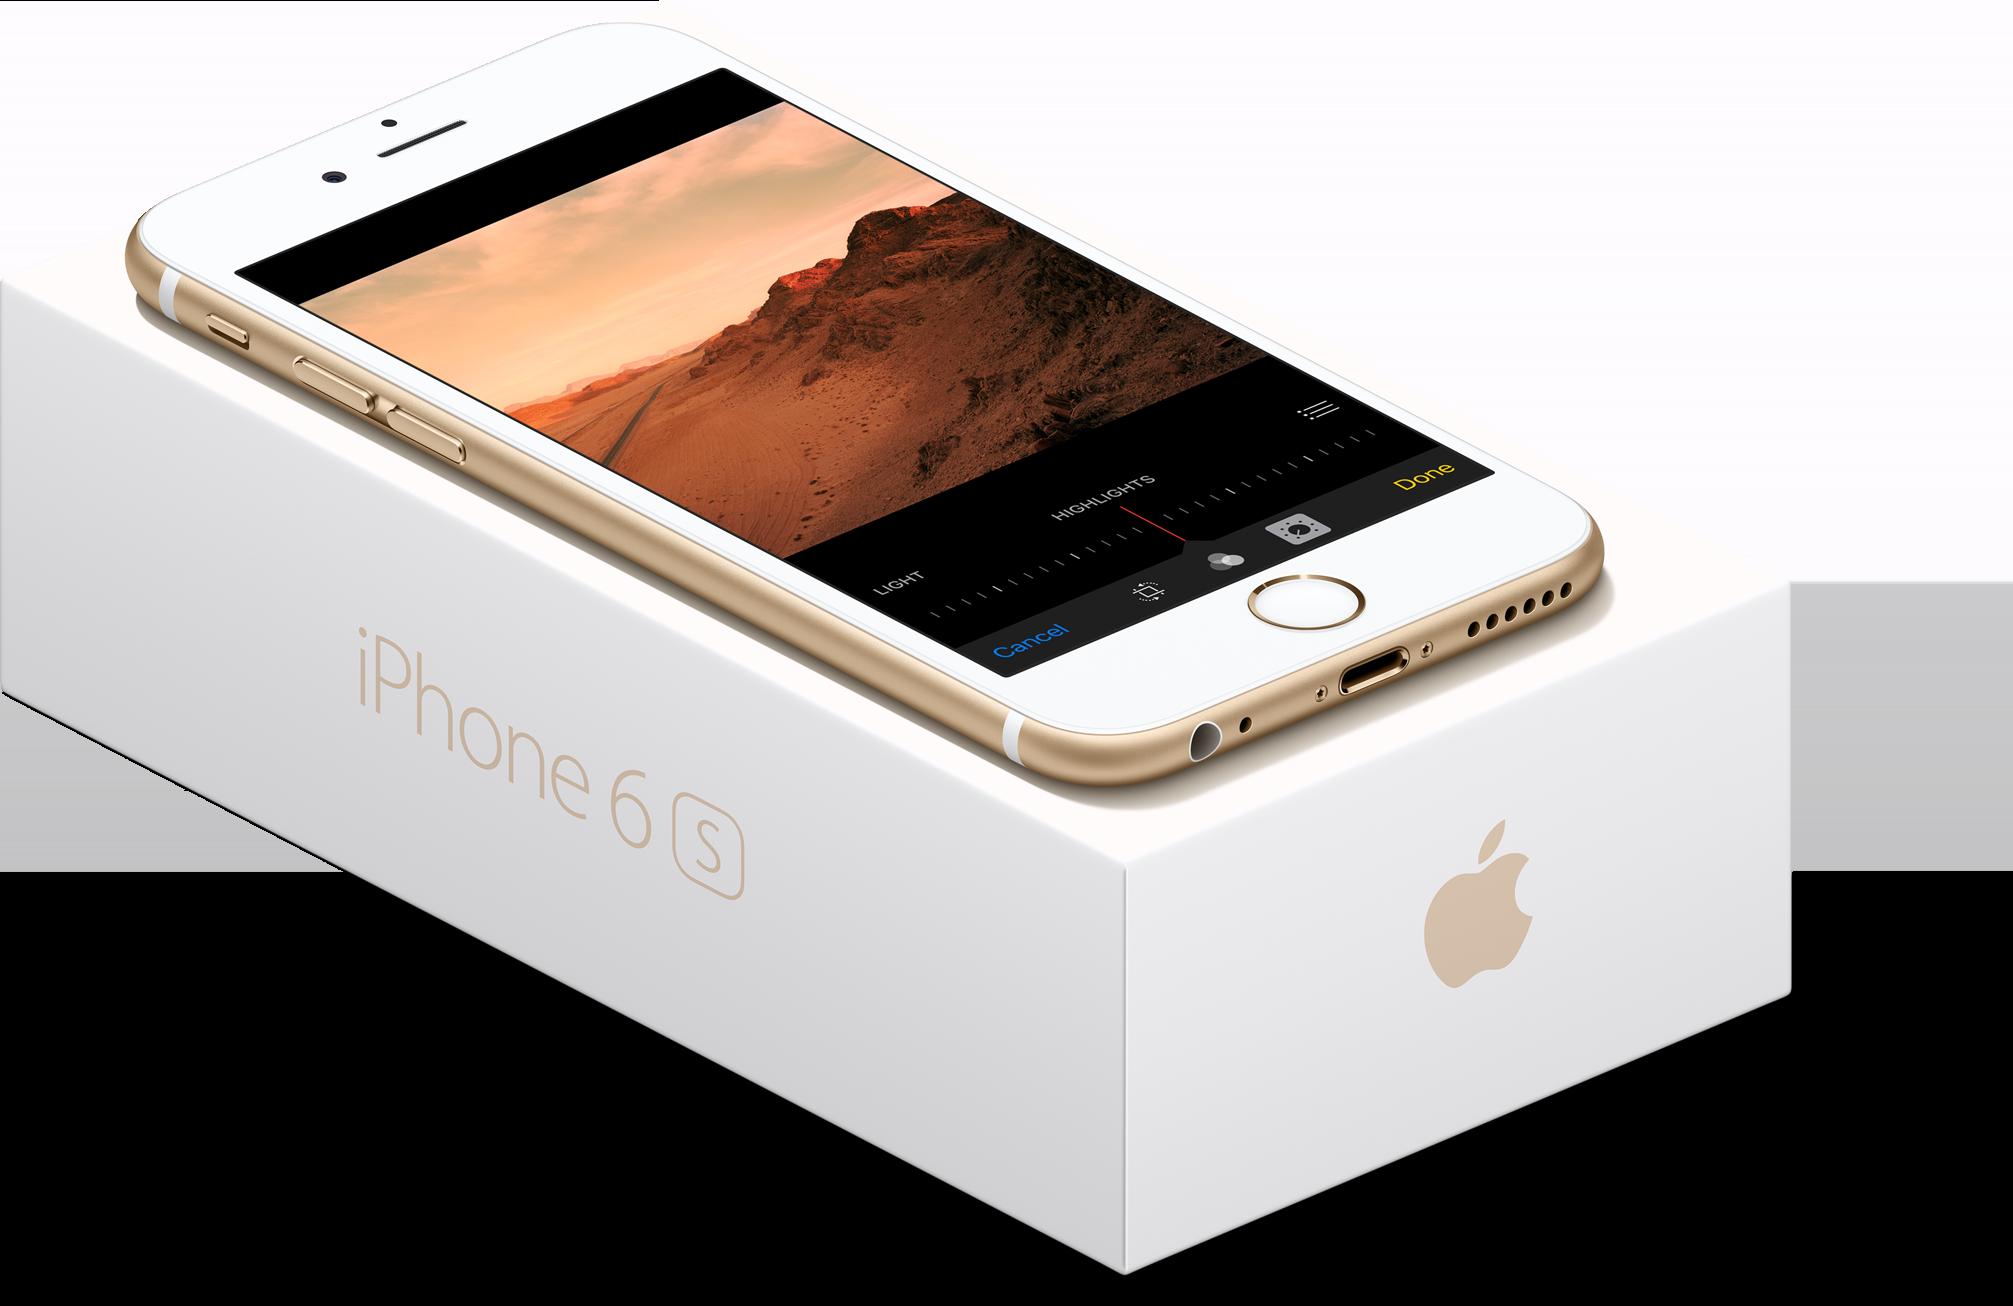 iPhone 6s dourado em cima da sua caixa de frente e de lado